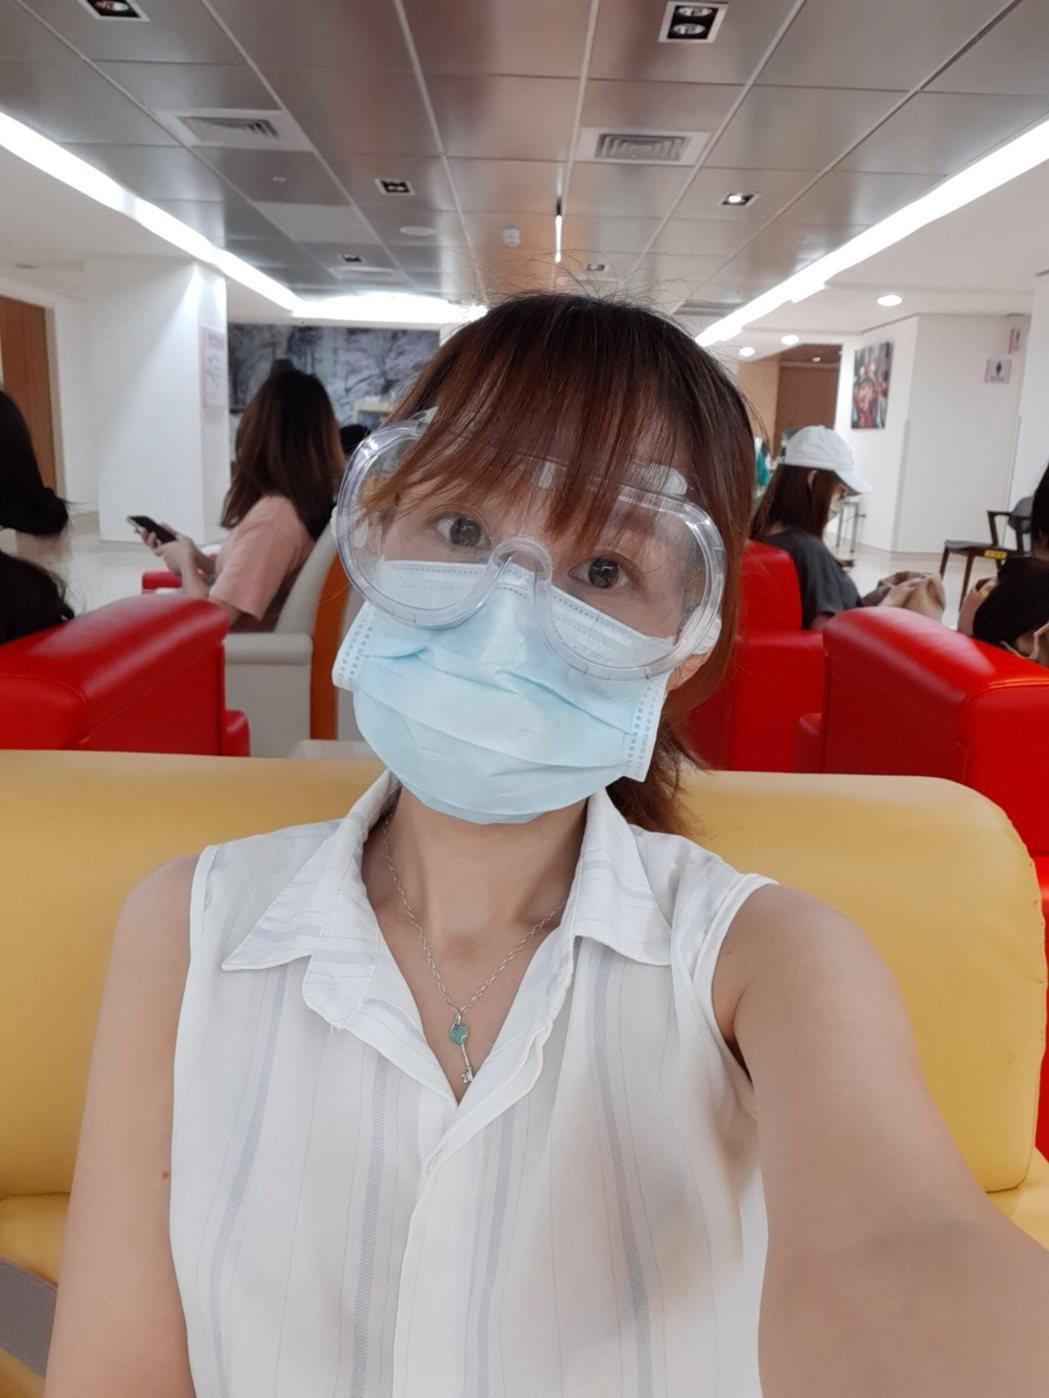 台視主播陳家頤懷孕打疫苗,戴上防護鏡加兩層口罩。圖/陳家頤提供